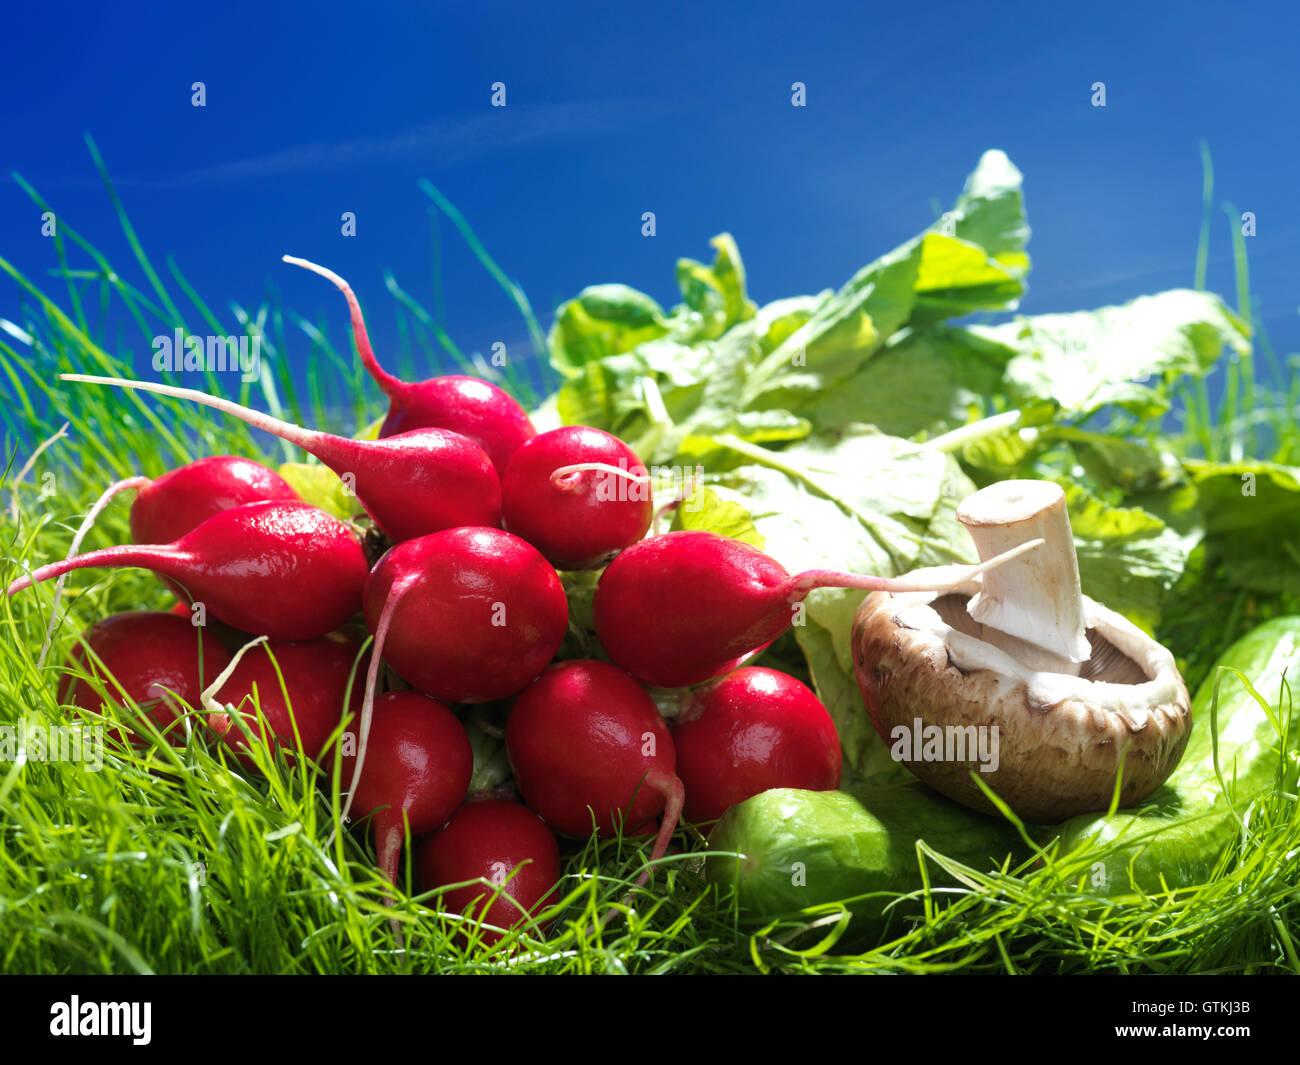 Il ravanello, funghi e cetrioli, artistico cibo ancora in vita in erba verde brillante sotto il cielo sereno Immagini Stock